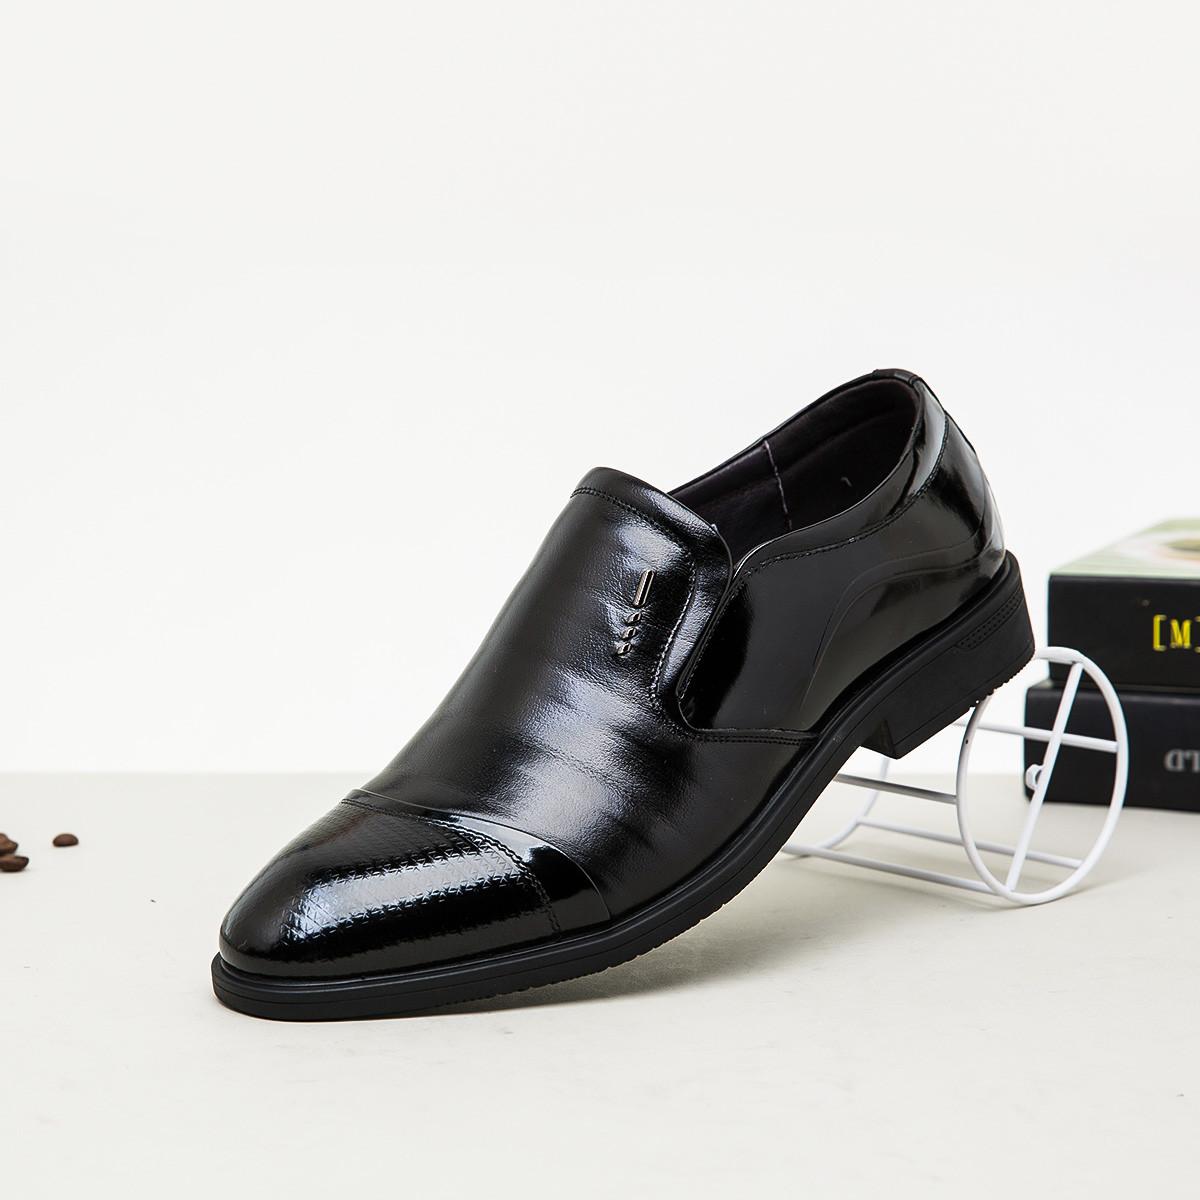 骆驼牌骆驼牌男鞋 新款时尚尖头简约商务花纹牛皮男商务鞋商务正装皮鞋W825221110HE